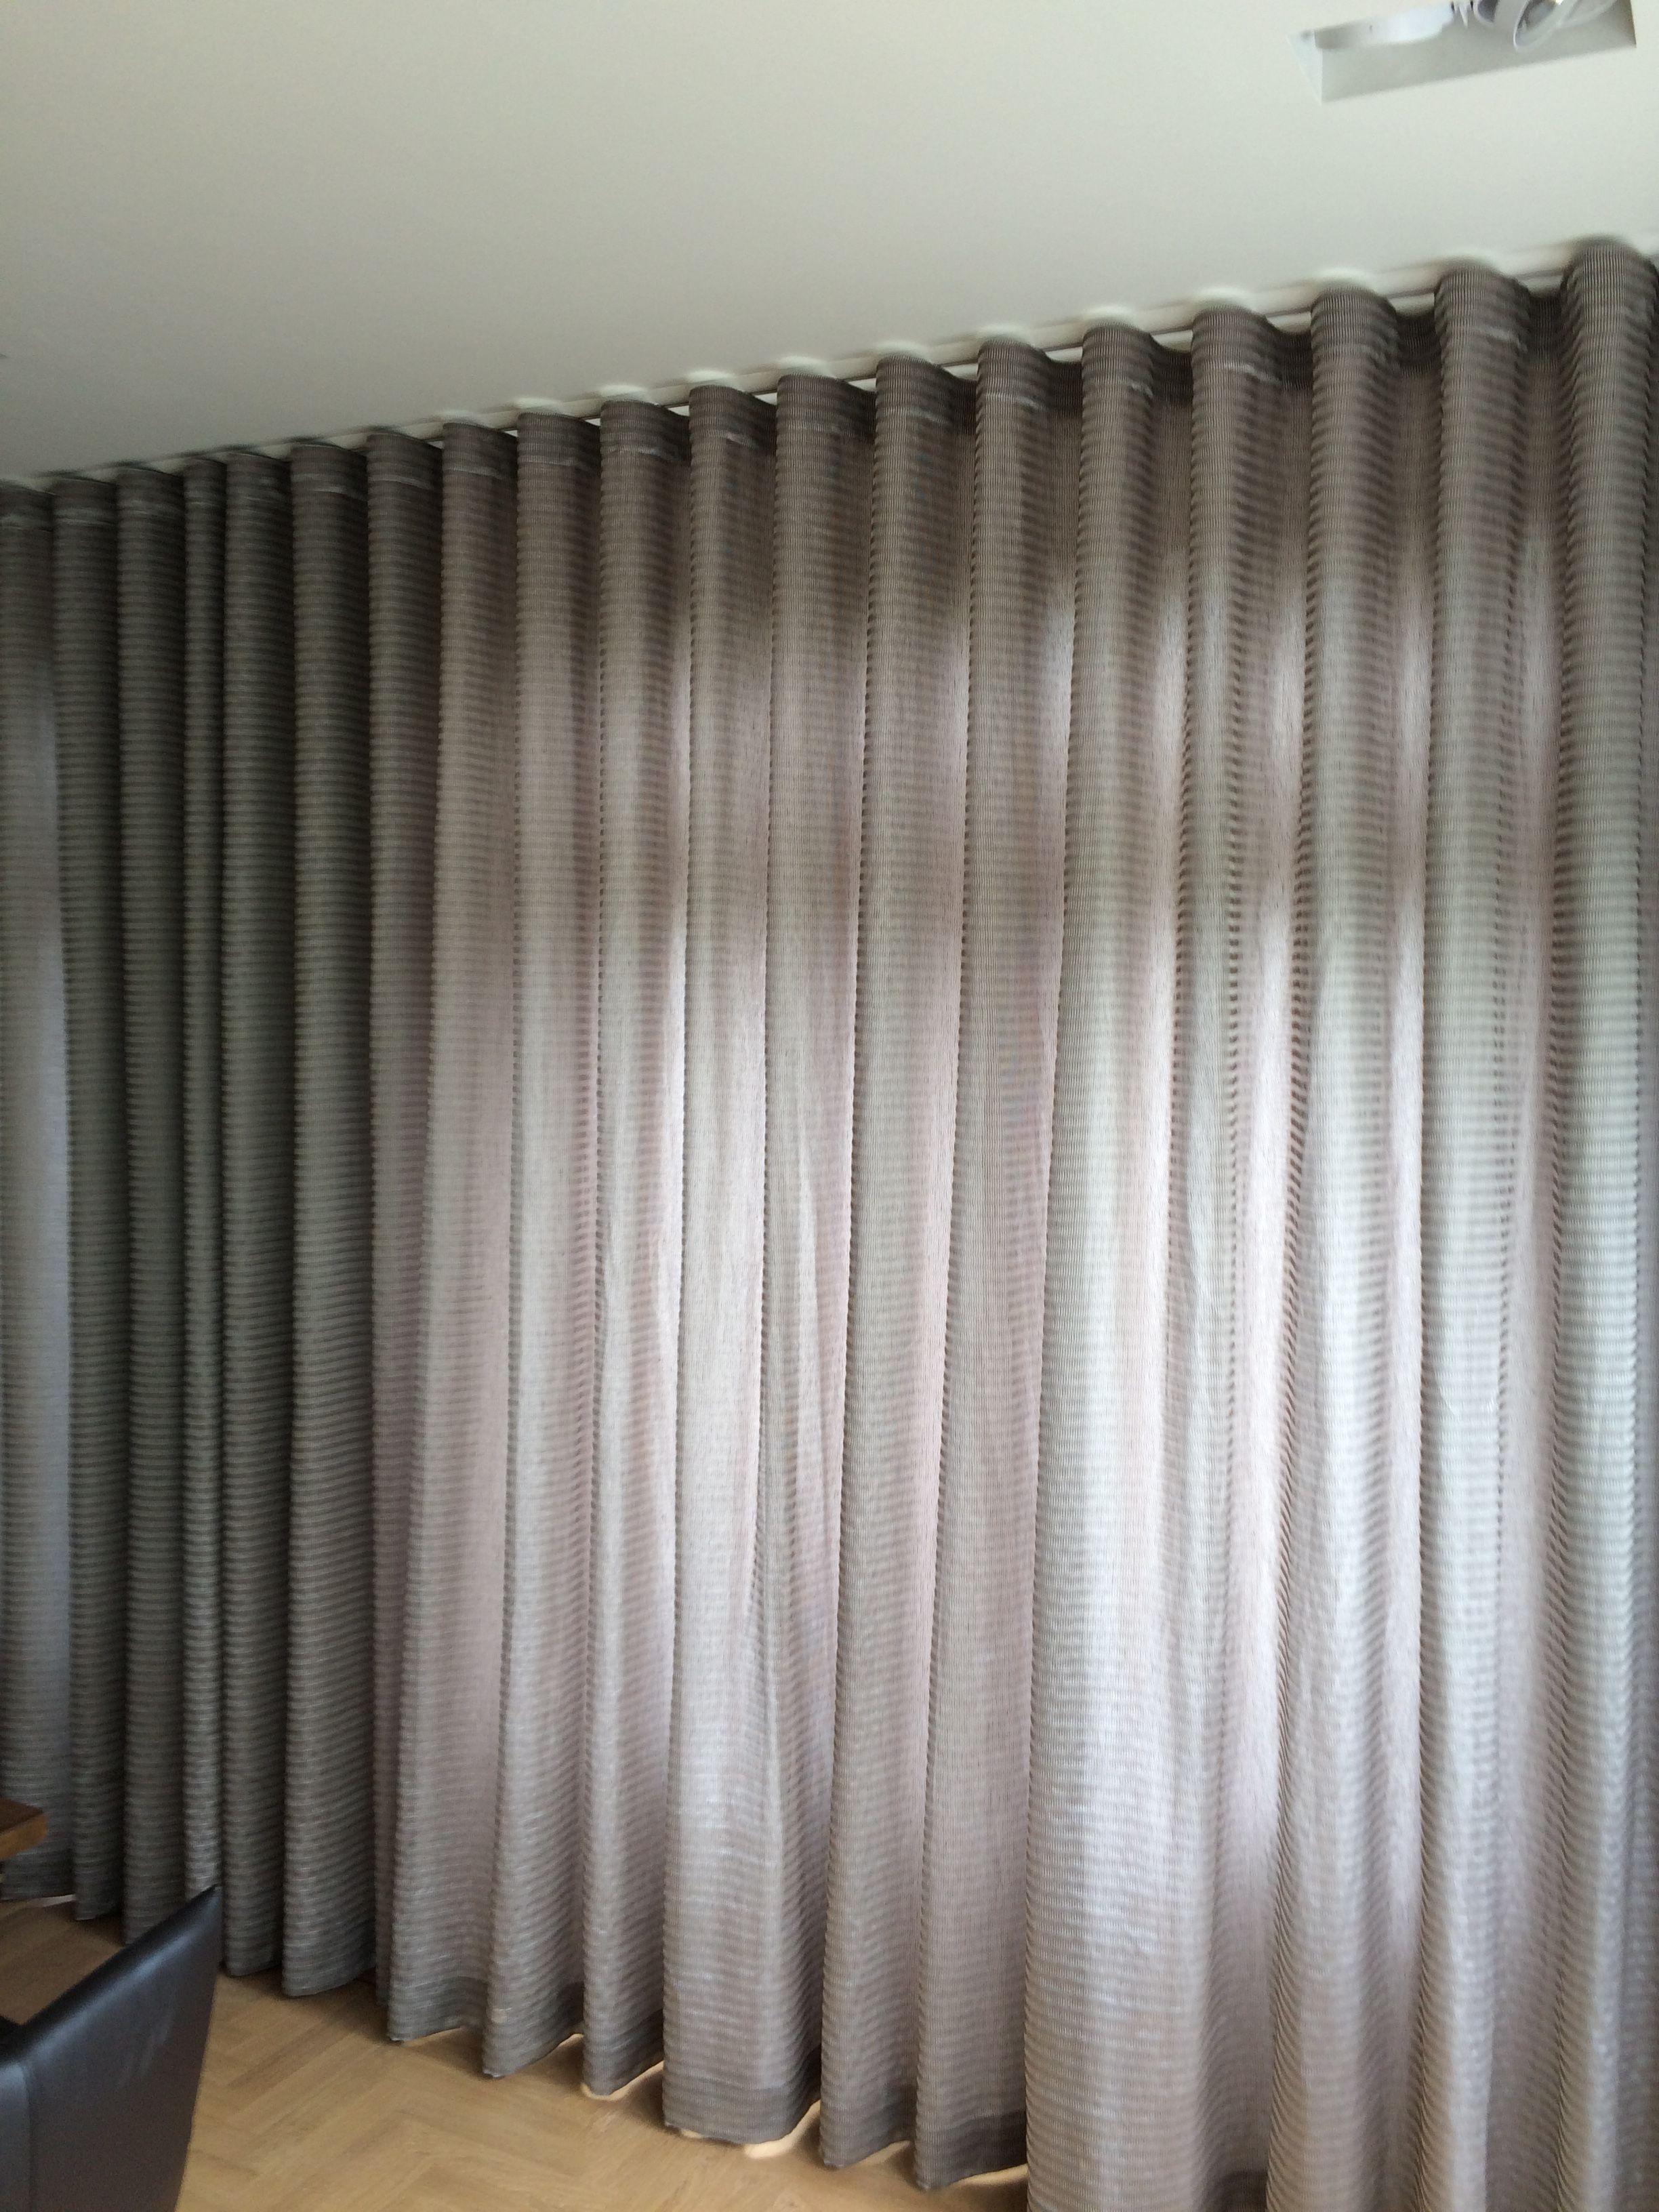 Gordijnen kamer hoog soepel vallende stof waardoor for Gordijnen stof